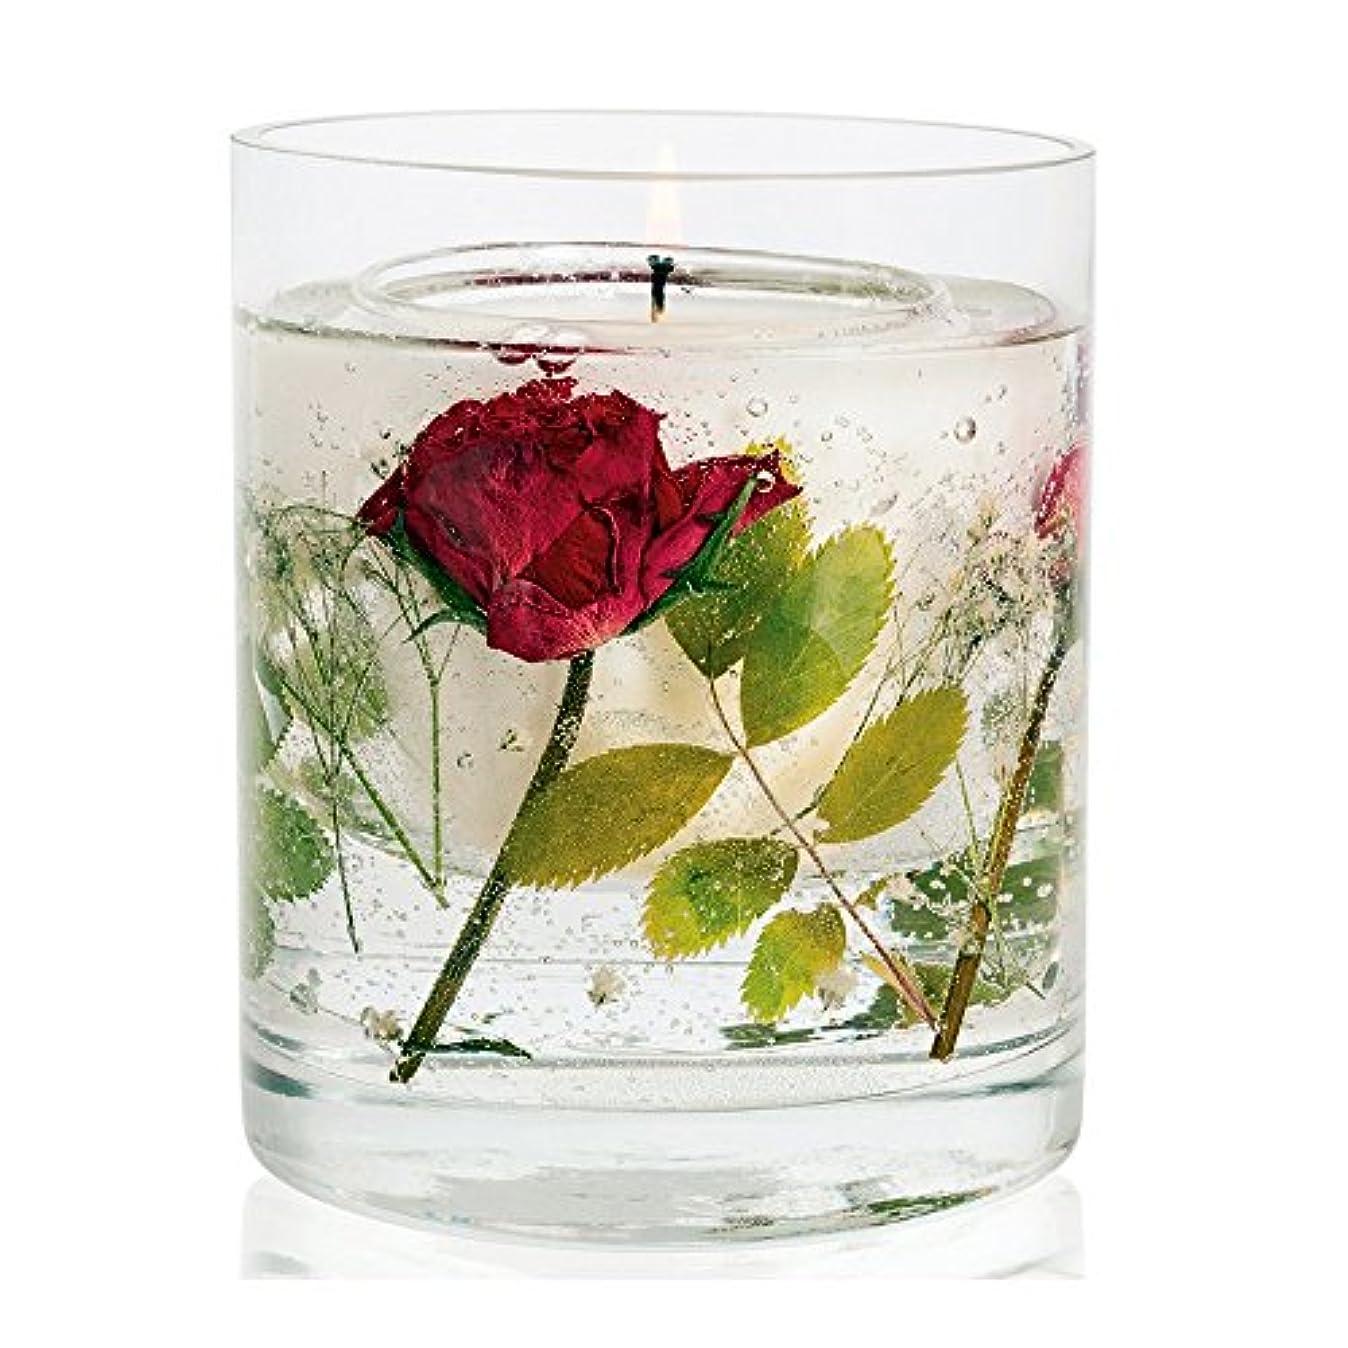 まさにと組む晩ごはんハーバリウム キャンドルホルダー STONEGLOW ガラス プリザーブドフラワー ジェル アロマキャンドルスタンド (レッドローズ)